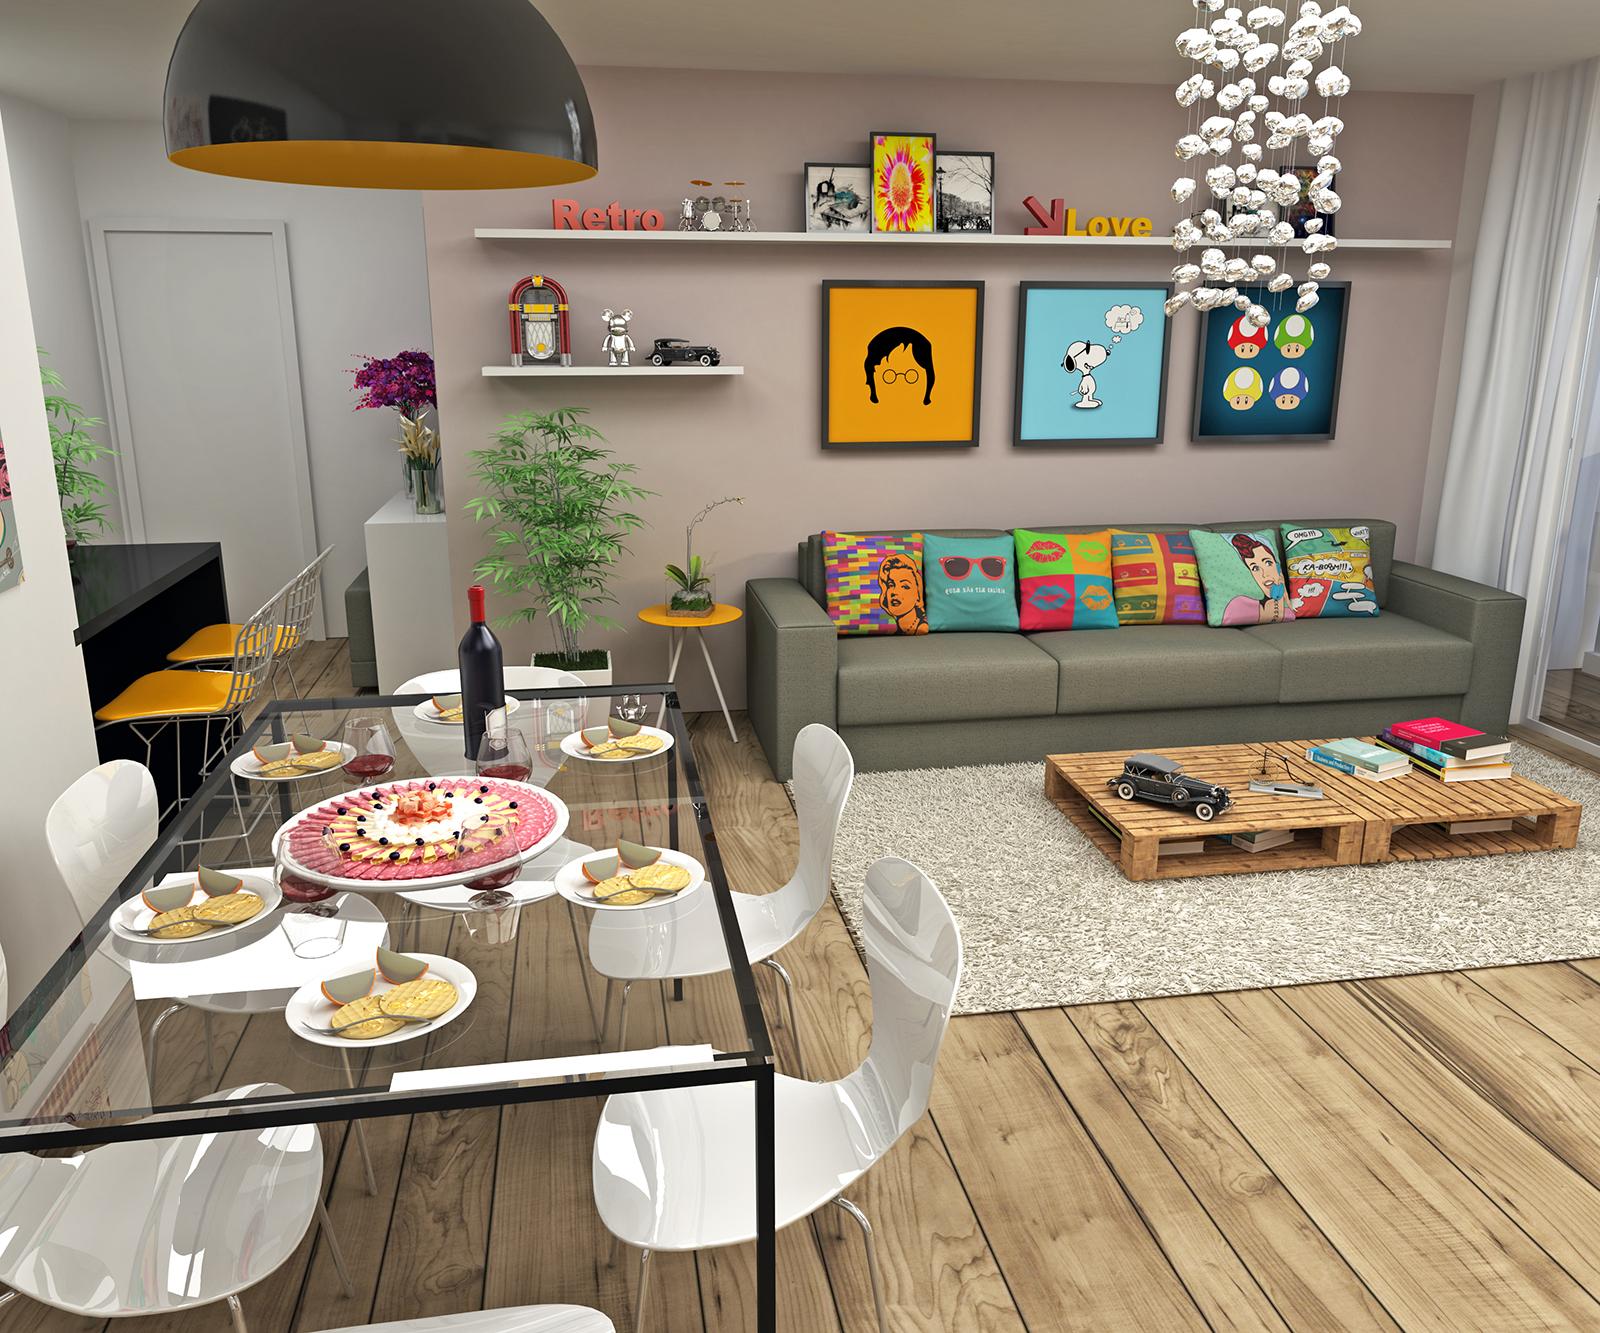 Estrat gias para organizar m veis e objetos no ambiente - Centros de mesa modernos para casa ...